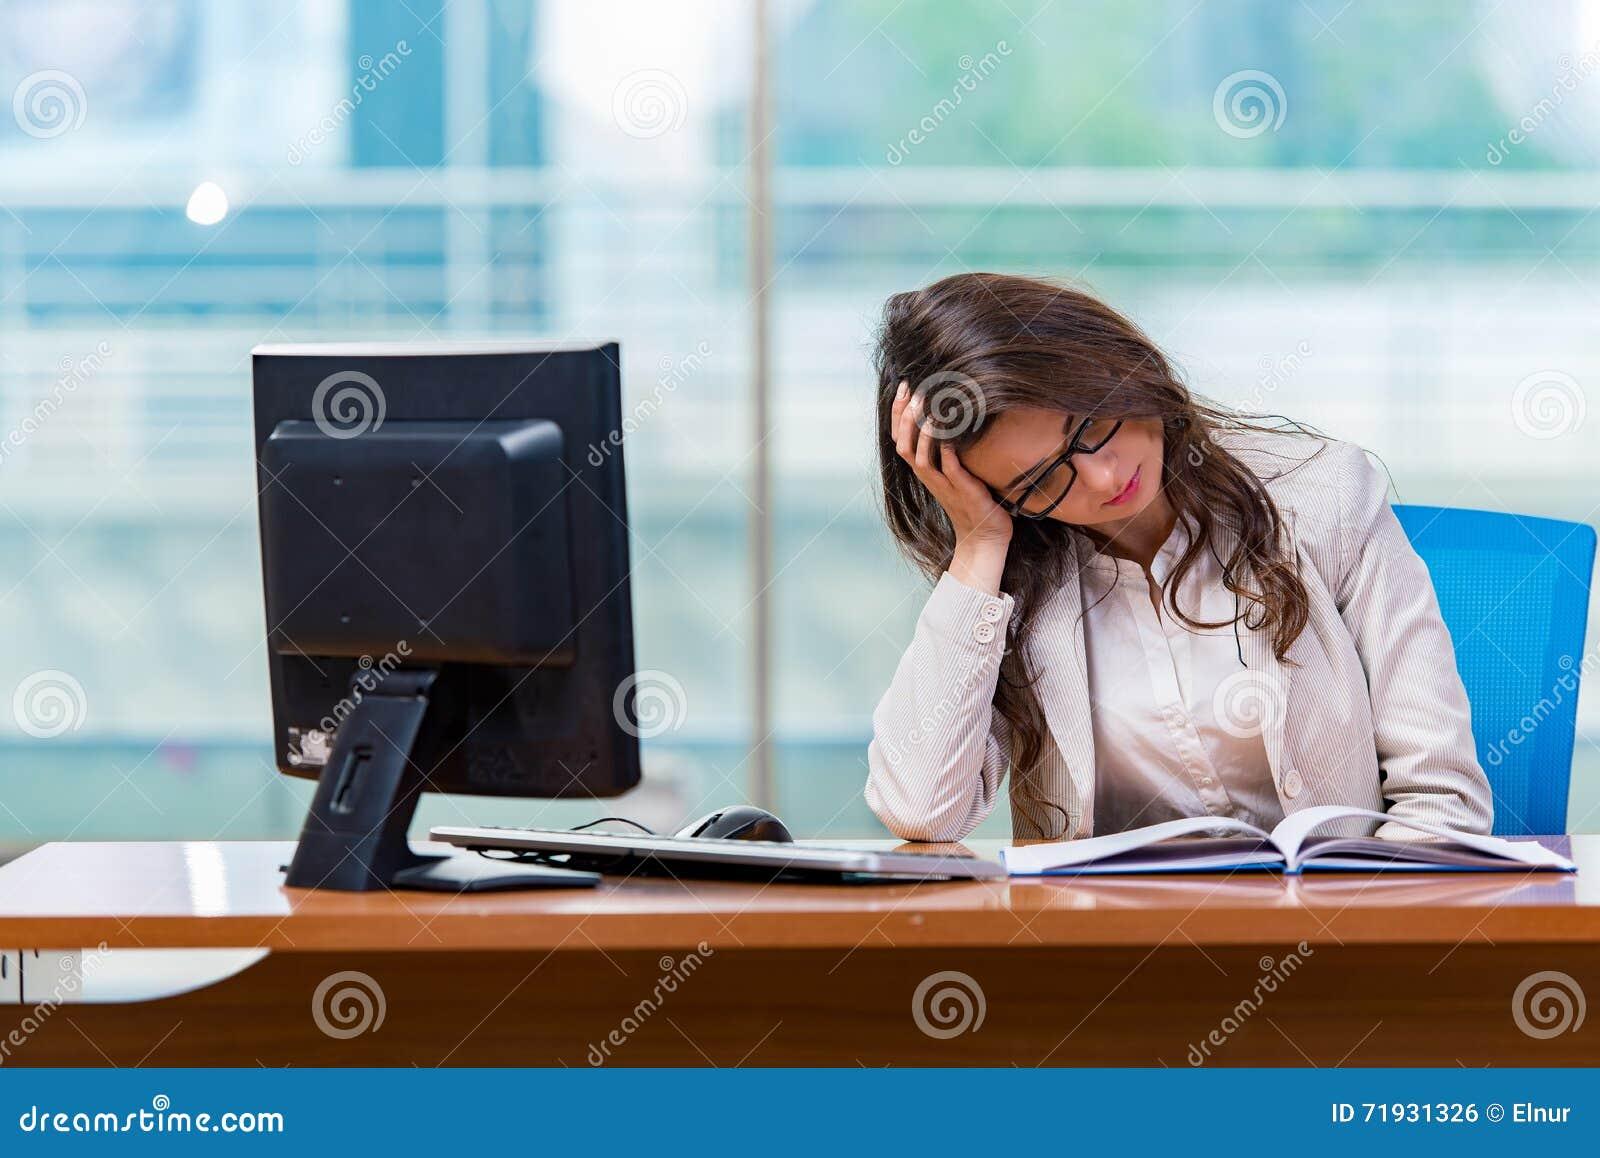 Оператор центра телефонного обслуживания работая в офисе